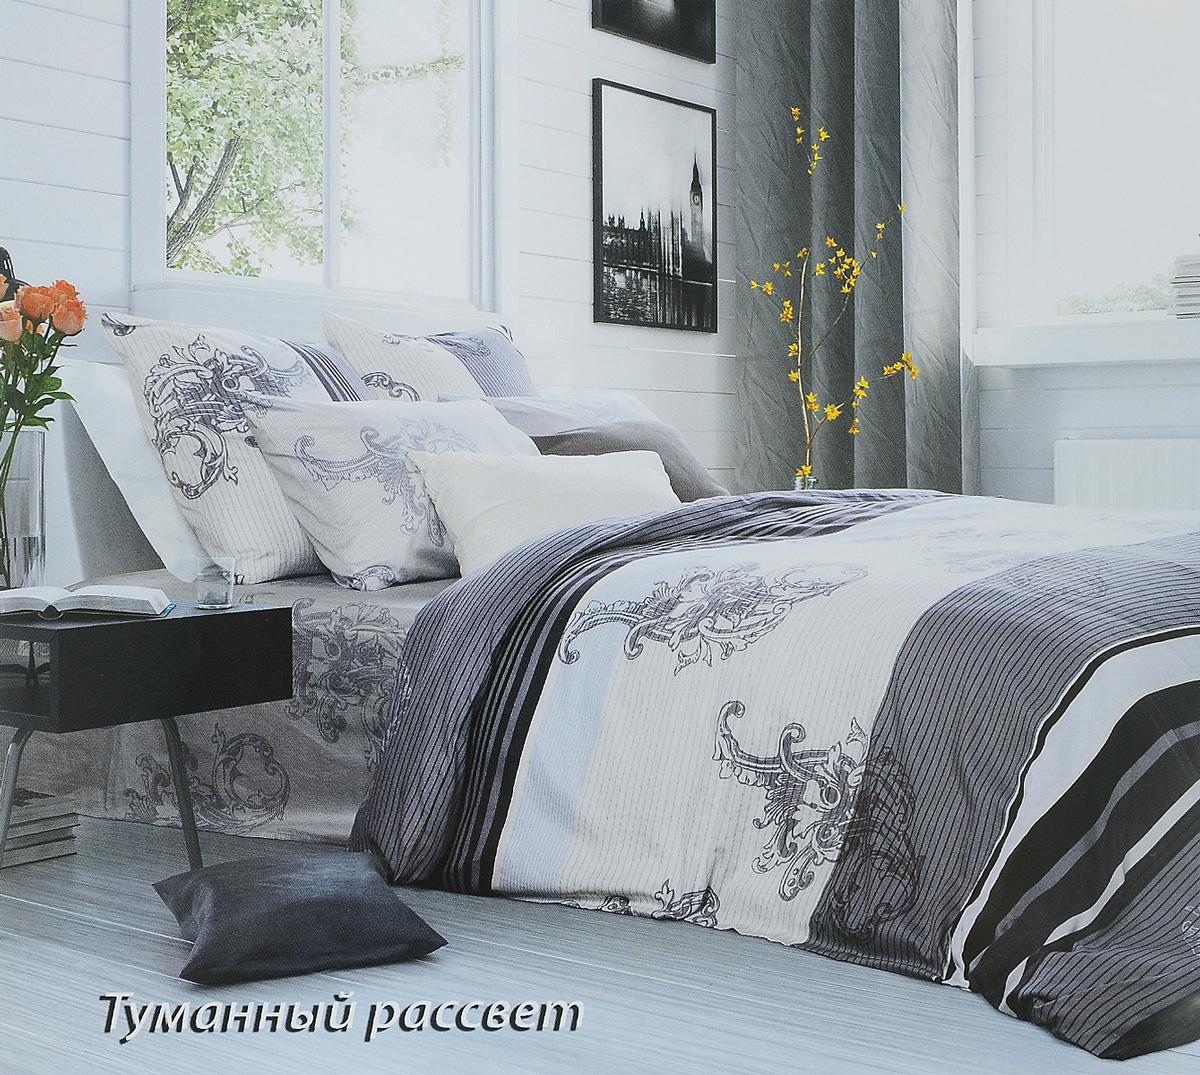 Комплект белья Tiffanys Secret Туманный рассвет, 1,5-спальный, наволочки 70х70, цвет: серый, белый2040115962Комплект постельного белья Tiffanys Secret Туманный рассвет является экологически безопасным для всей семьи, так как выполнен из сатина (100% хлопок). Комплект состоит из пододеяльника, простыни и двух наволочек. Предметы комплекта оформлены оригинальным рисунком. Благодаря такому комплекту постельного белья вы сможете создать атмосферу уюта и комфорта в вашей спальне. Сатин - это ткань, навсегда покорившая сердца человечества. Ценившие роскошь персы называли ее атлас, а искушенные в прекрасном французы - сатин. Секрет высококачественного сатина в безупречности всего технологического процесса. Эту благородную ткань делают только из отборной натуральной пряжи, которую получают из самого лучшего тонковолокнистого хлопка. Благодаря использованию самой тонкой хлопковой нити получается необычайно мягкое и нежное полотно. Сатиновое постельное белье превращает жаркие летние ночи в прохладные и освежающие, а холодные зимние - в теплые и согревающие. ...